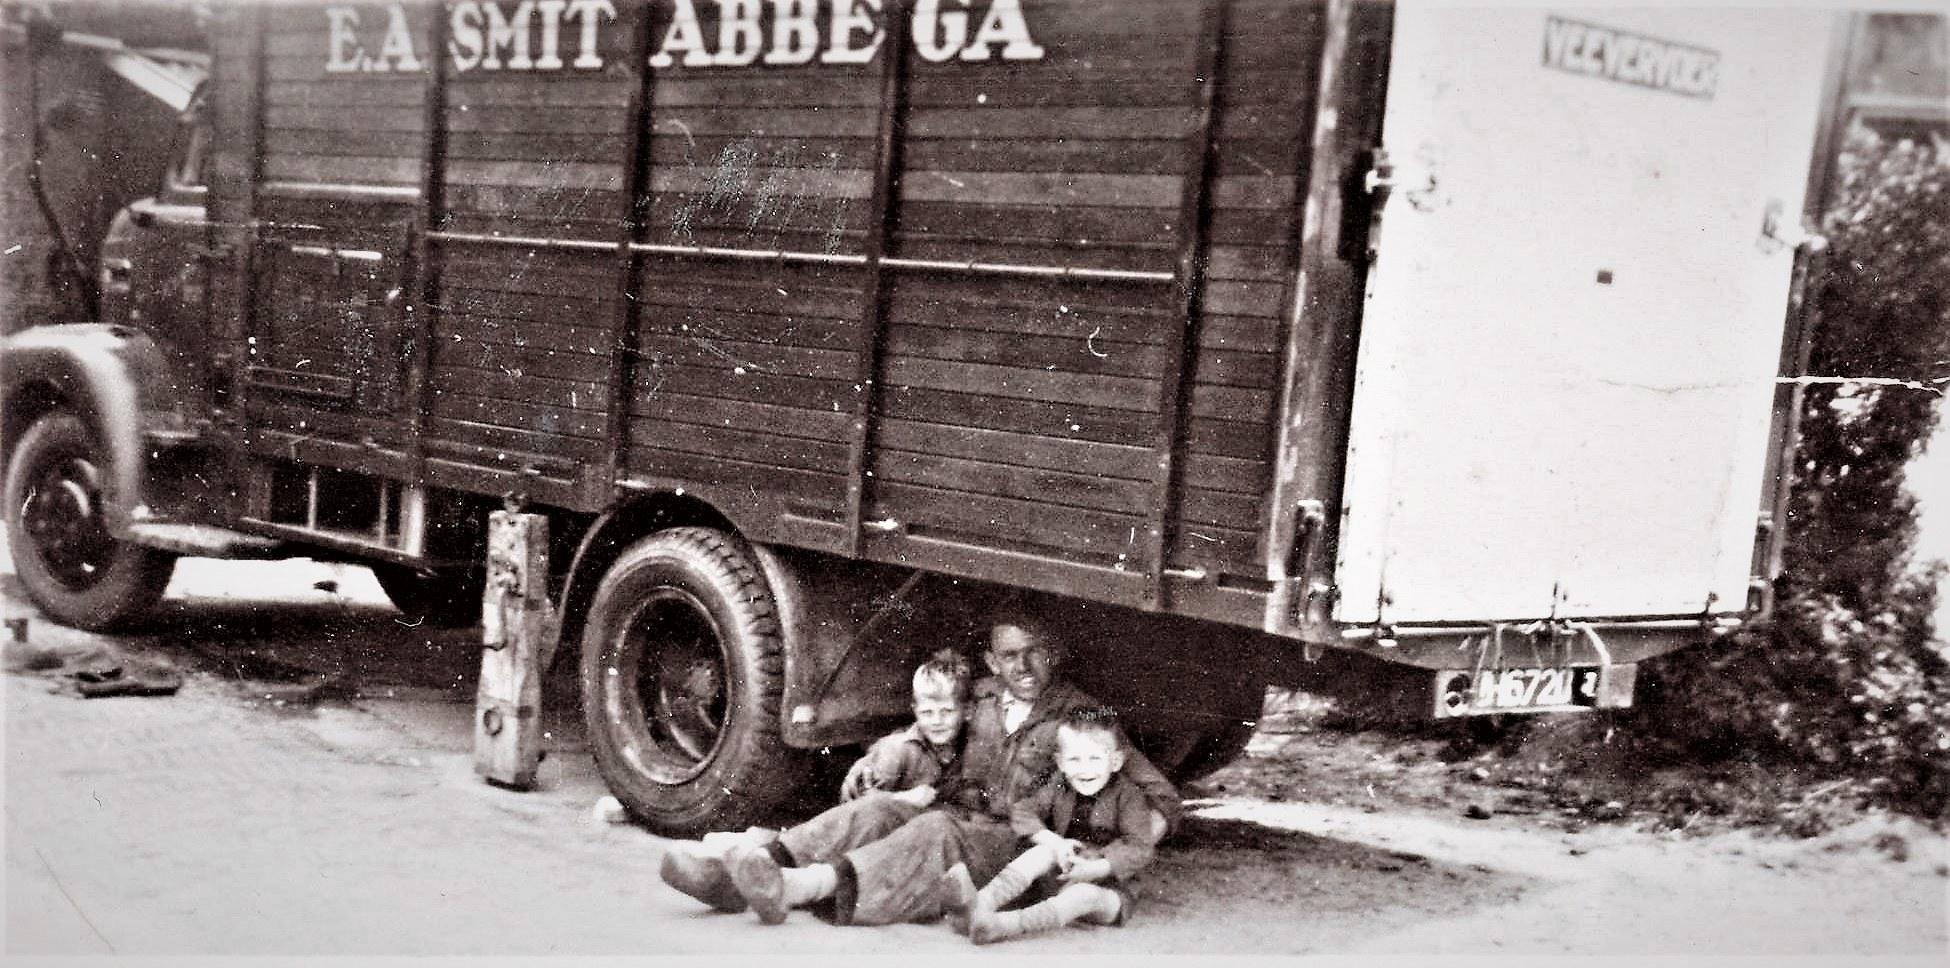 Onder-de-vrachtwagen-zit-chauffeur-Jan-Otter-met-een-paar-kinderen-Klaes-Fritsma-archief